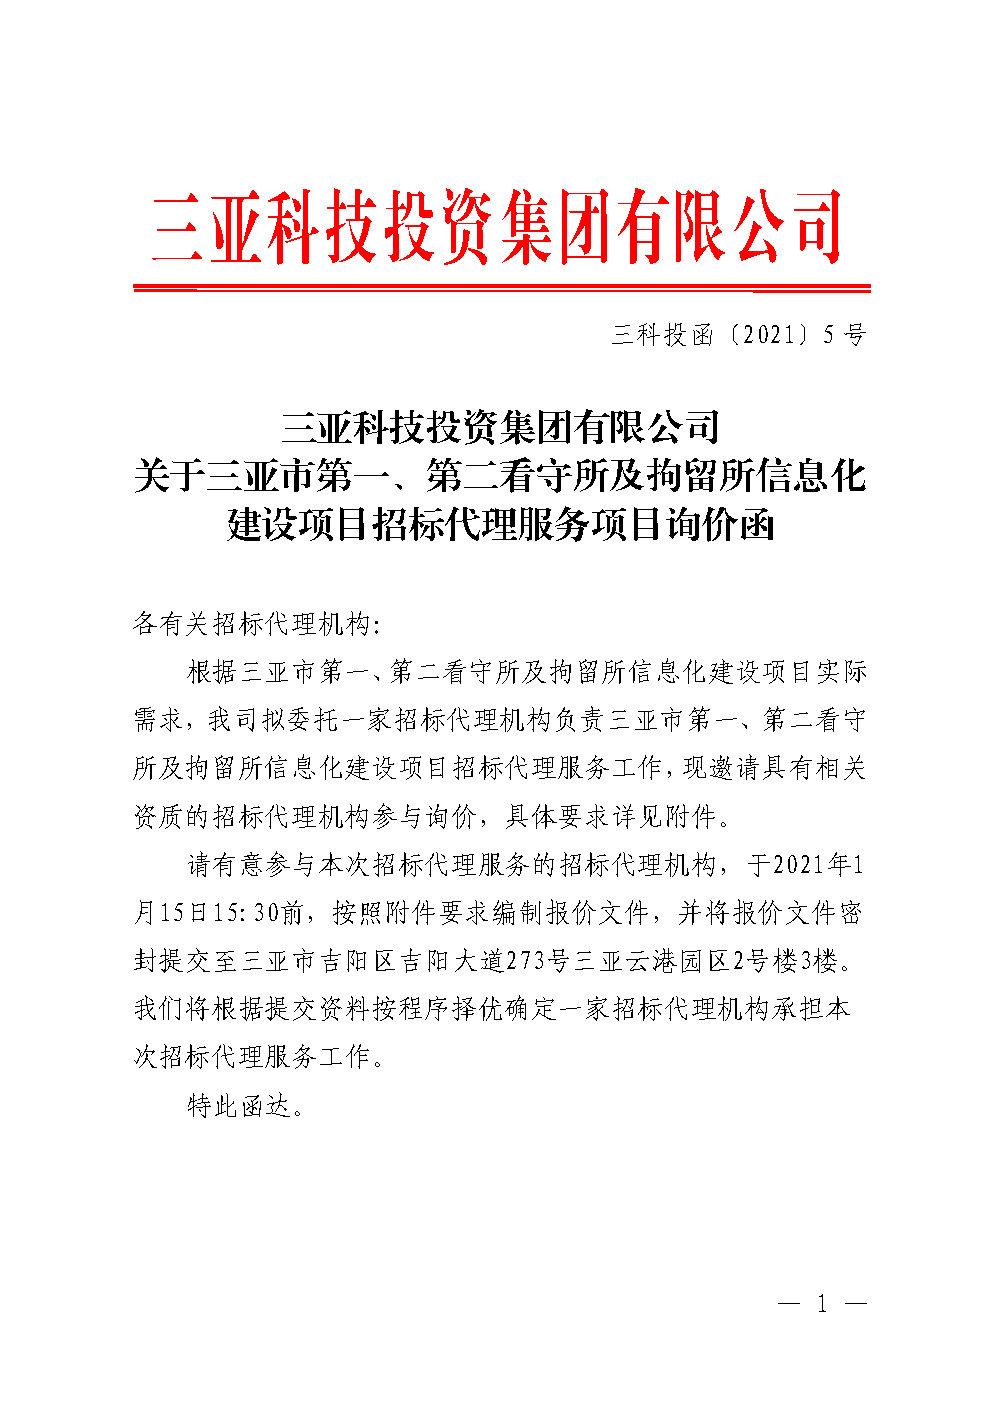 关于三亚市第一、第二看守所及拘留所信息化建设项目招标代理服务项目询价函_Page1.jpg